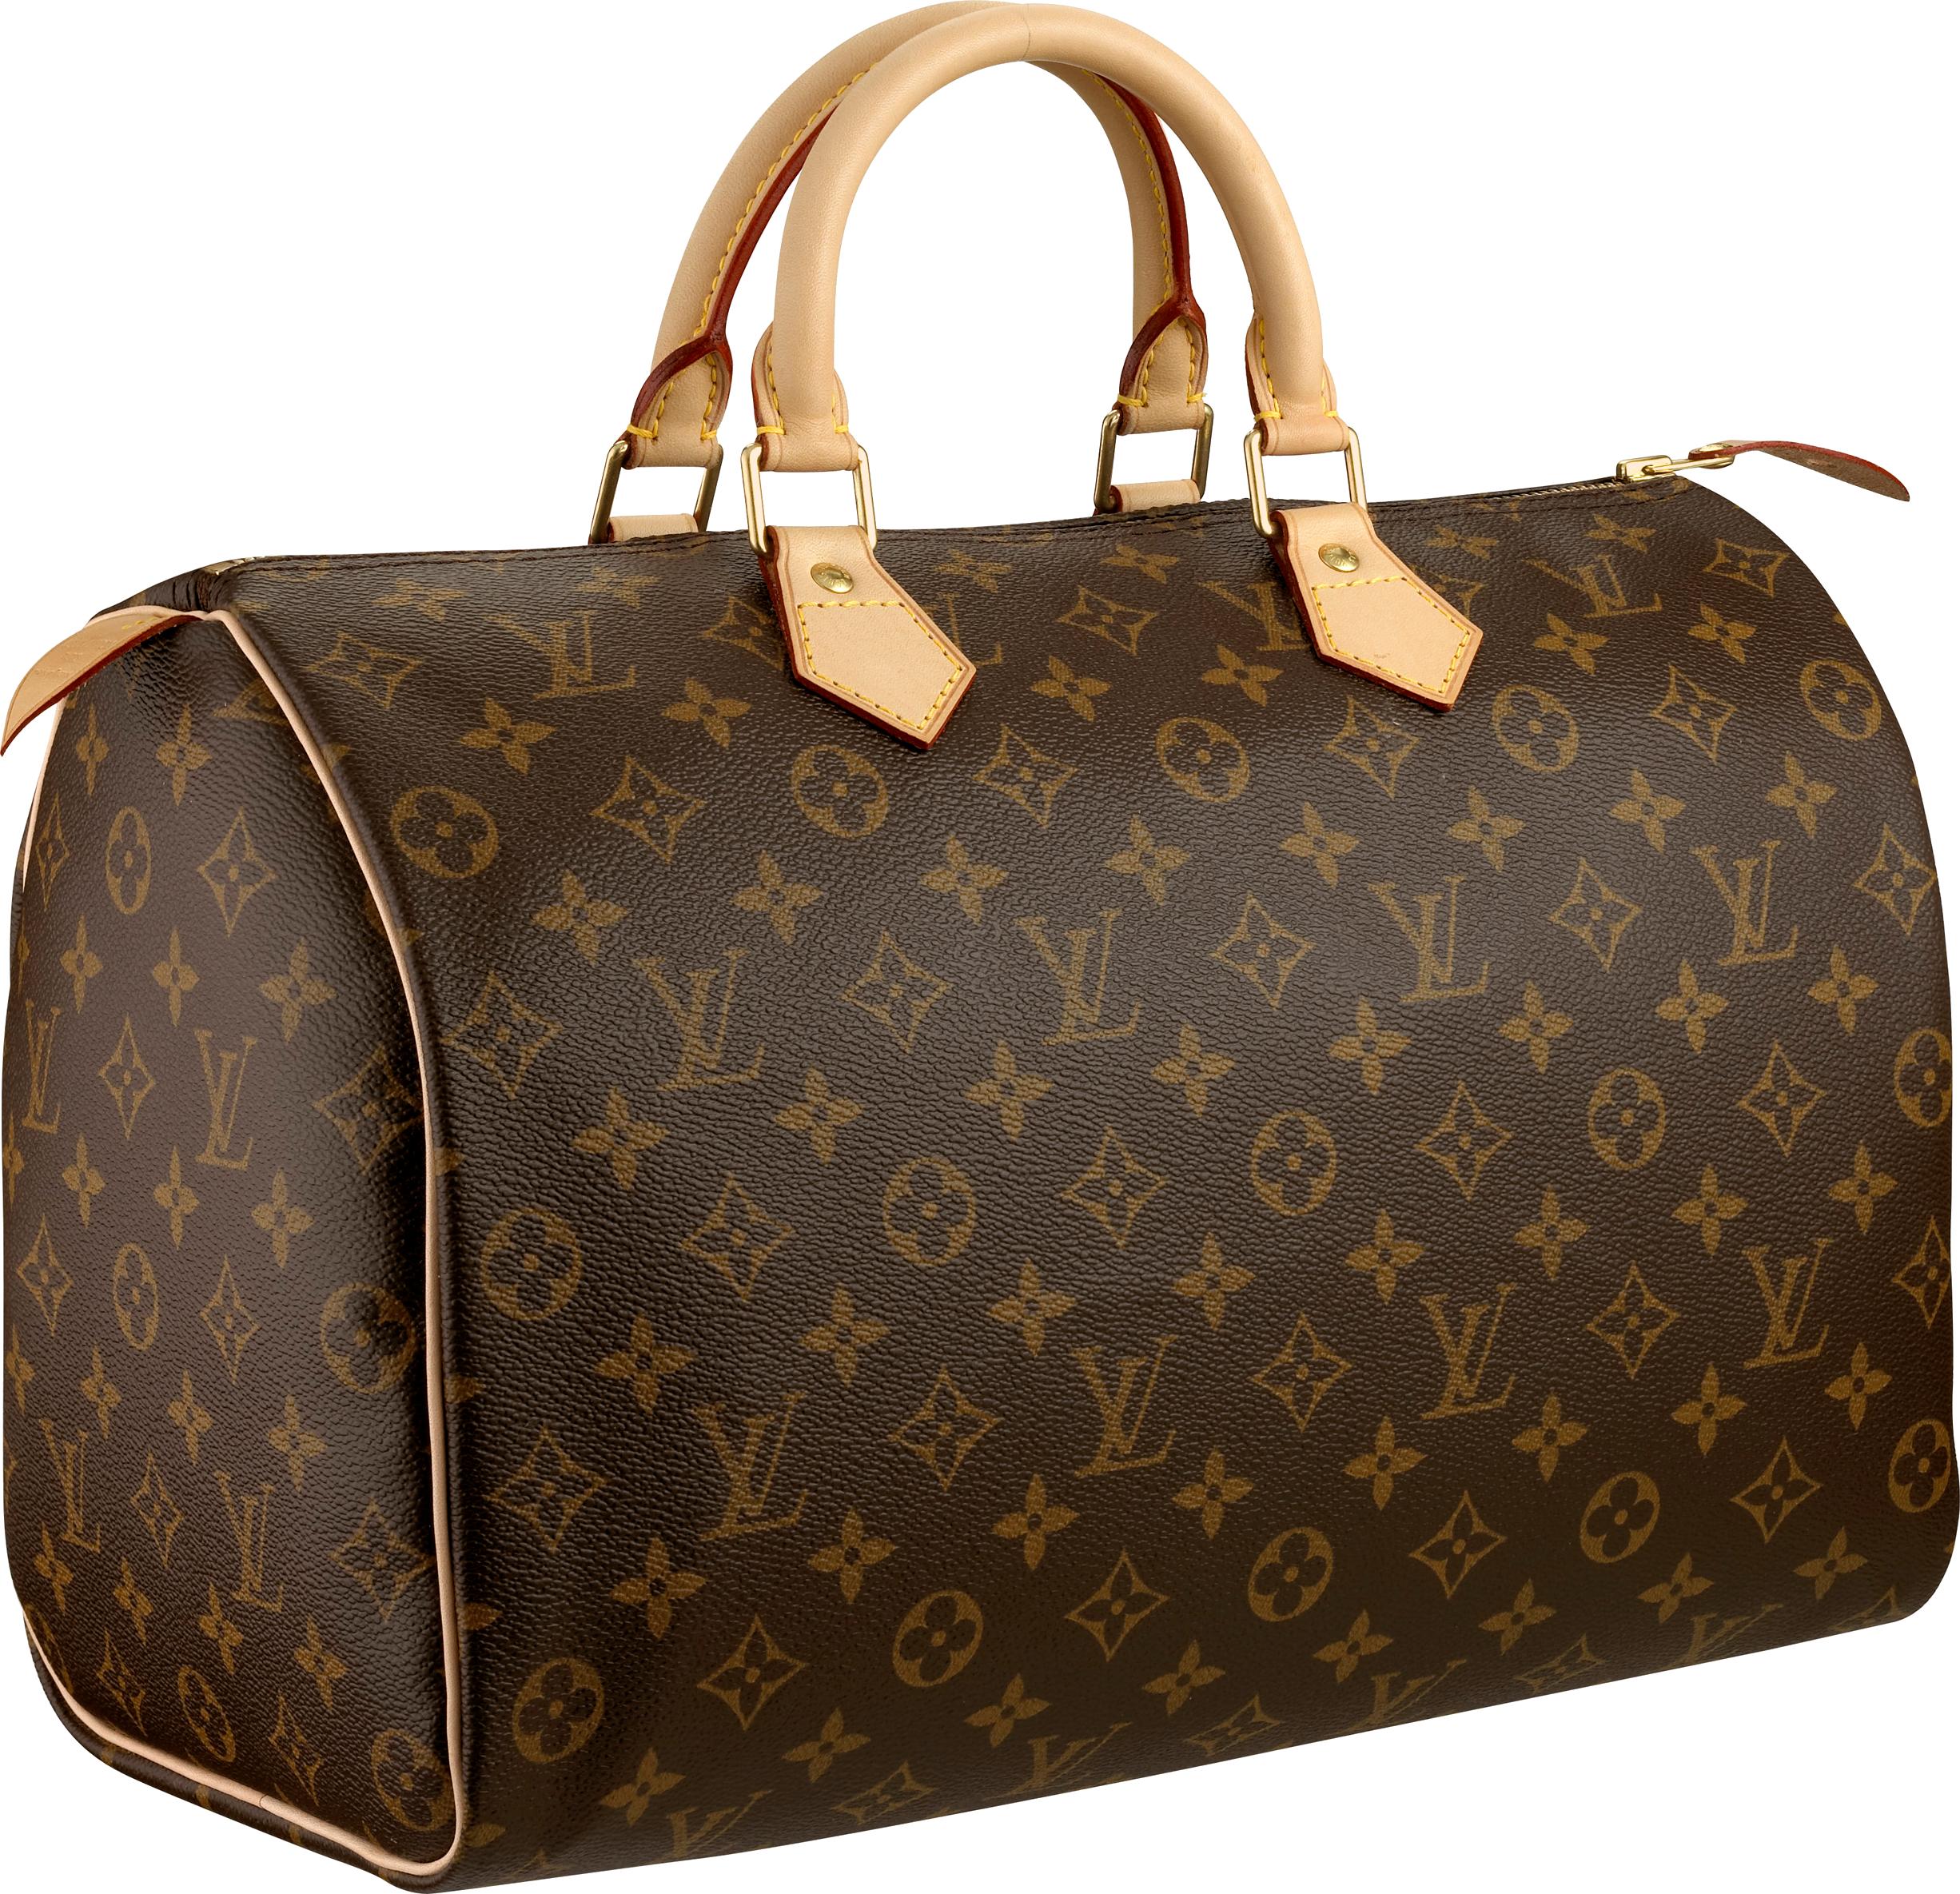 Louis Vuitton Women bag PNG image - Womensbag HD PNG